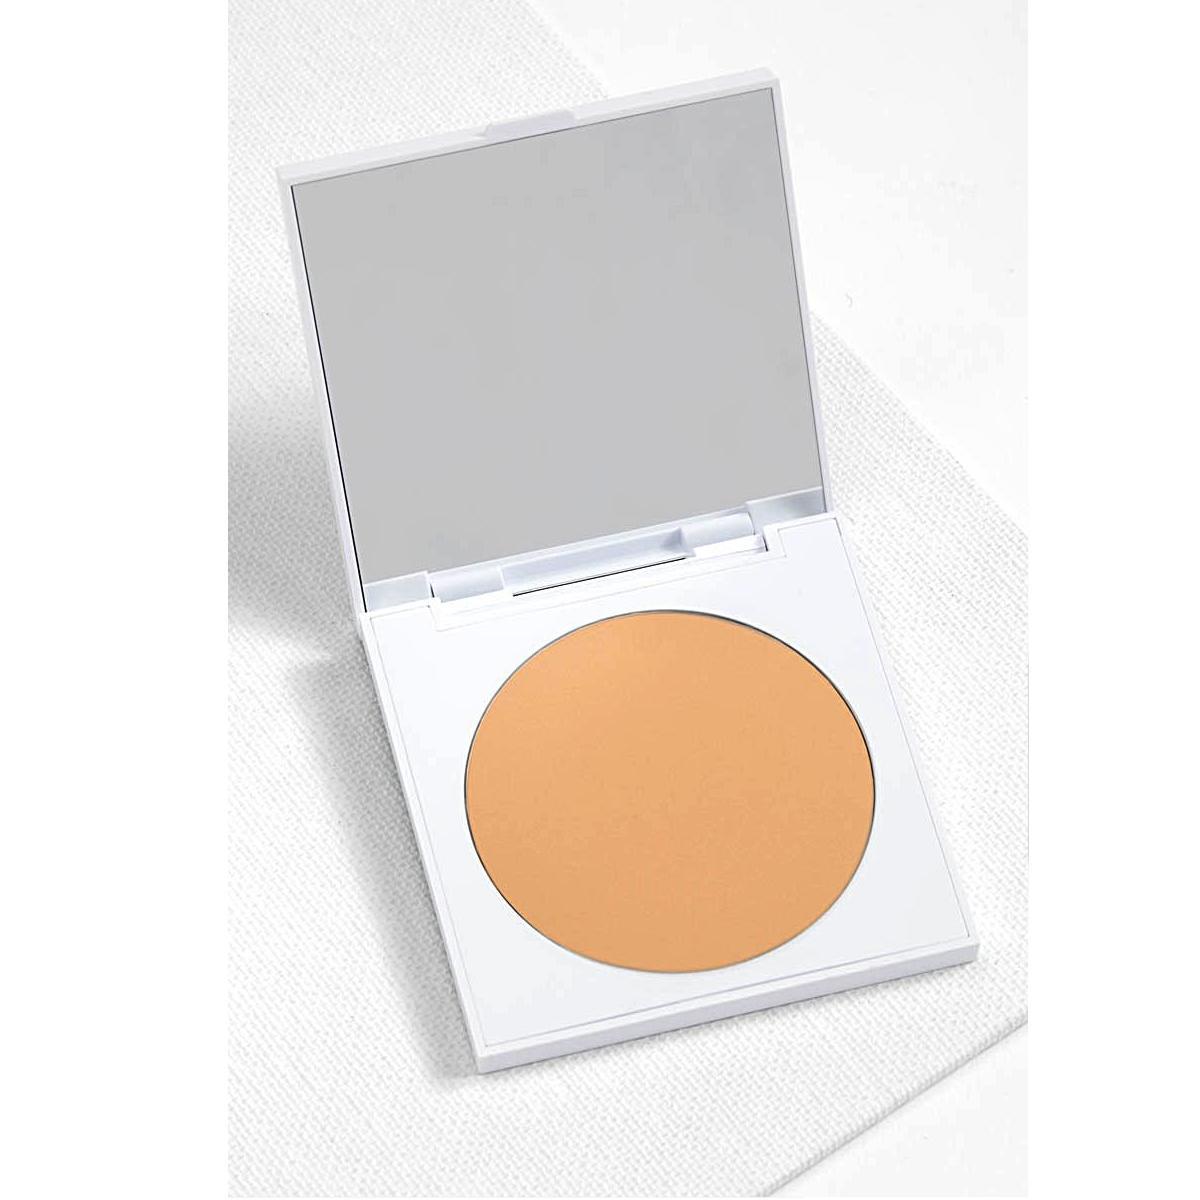 ColourPop No Filter Sheer Pressed Powder Medium Dark